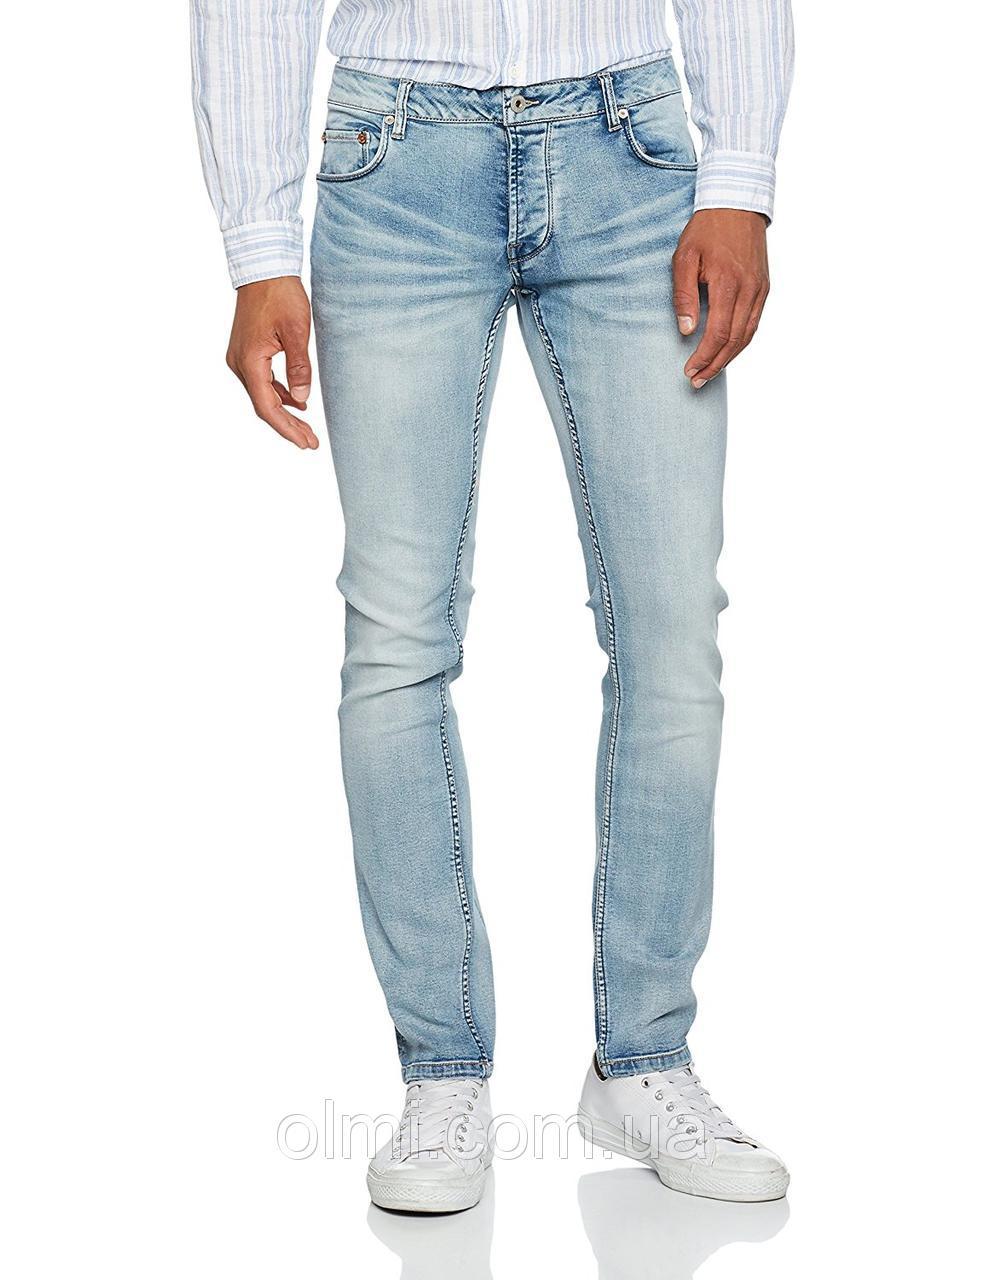 Светлые штаны для парня